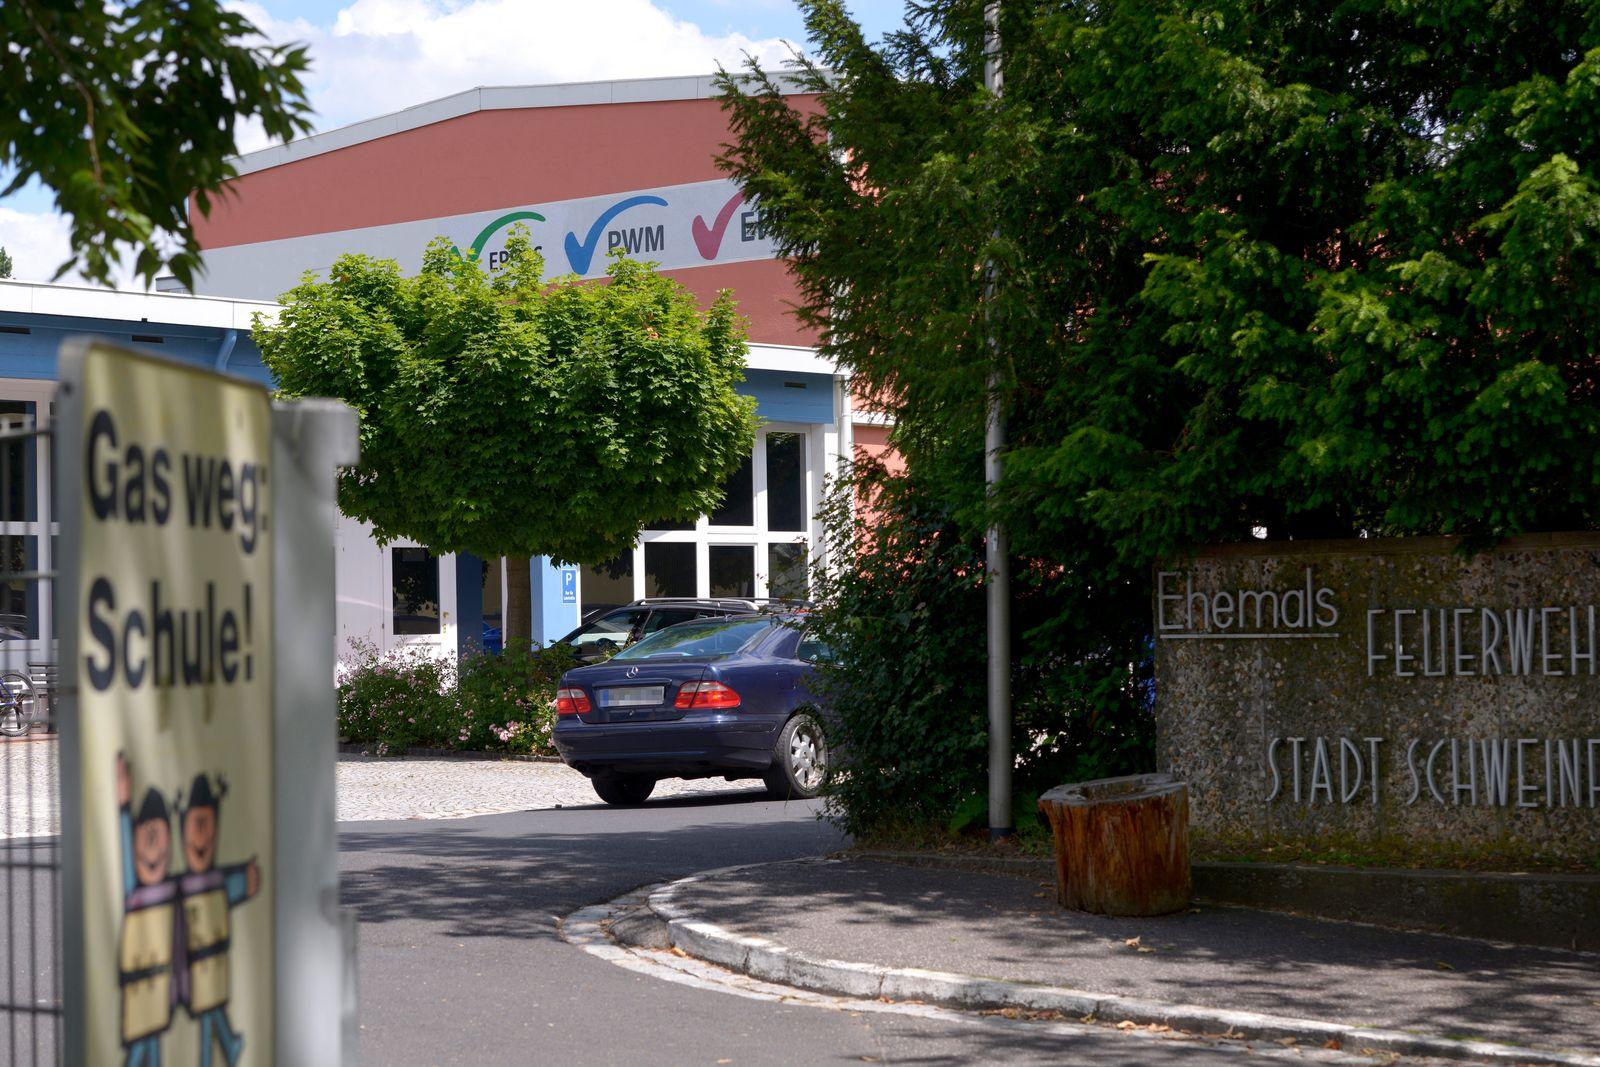 Private Schulen Schwarz / Schweinfurt